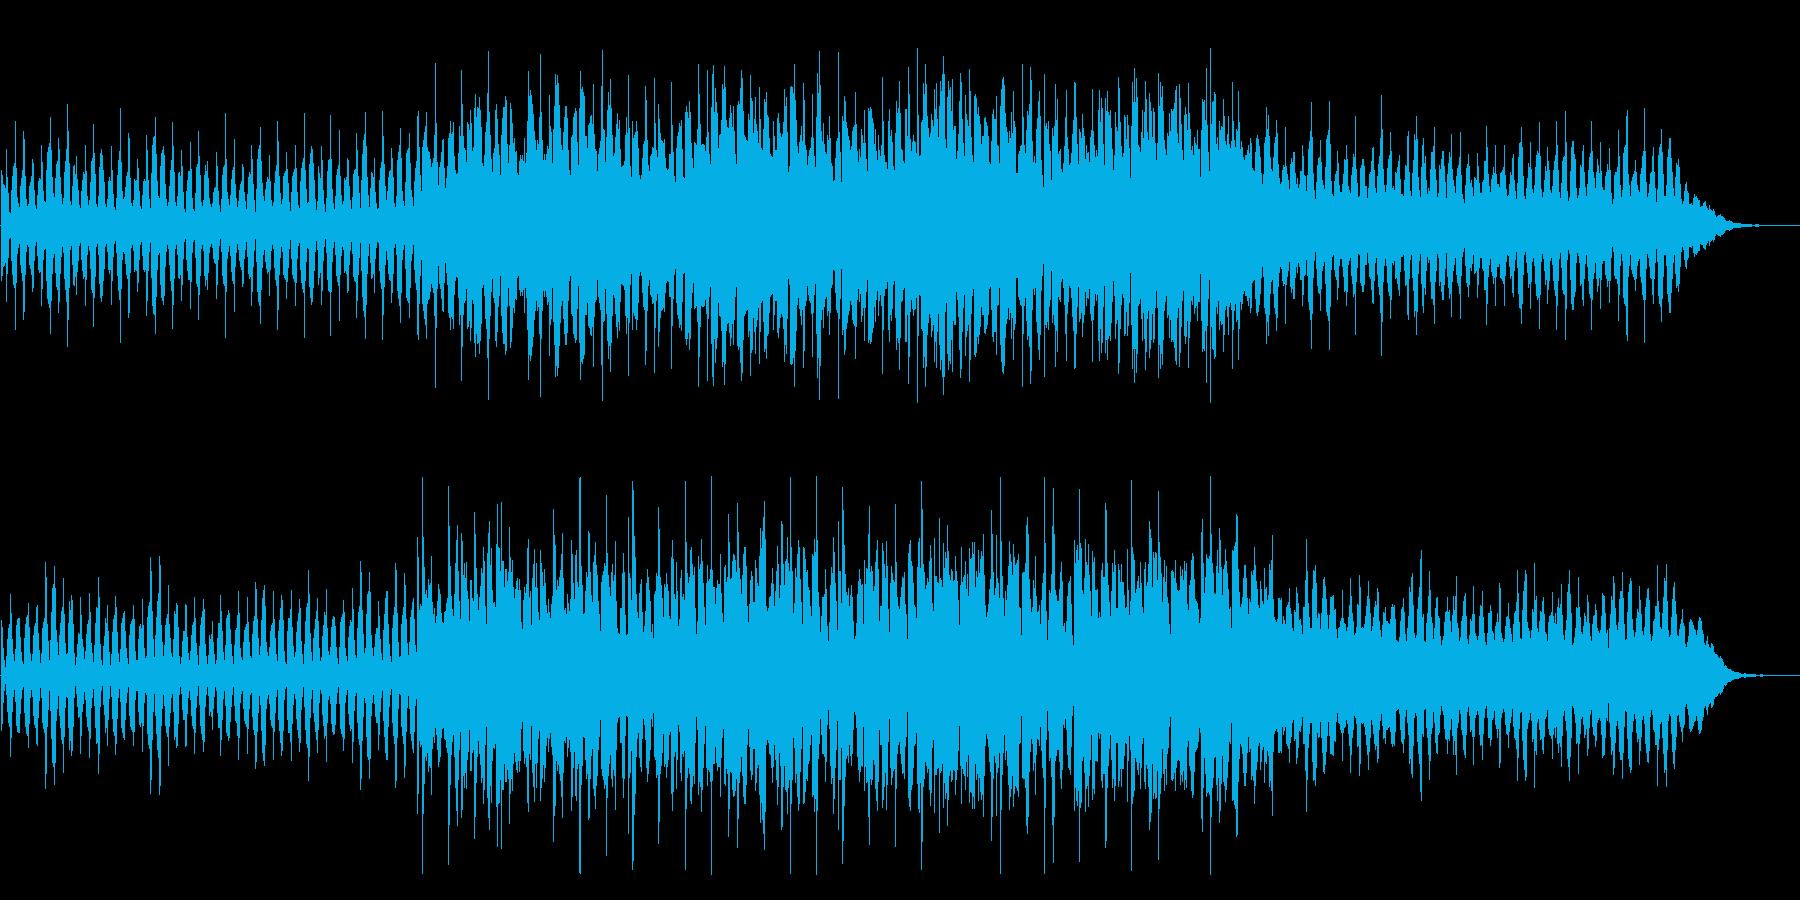 可愛らしい綺麗なピアノ曲の再生済みの波形